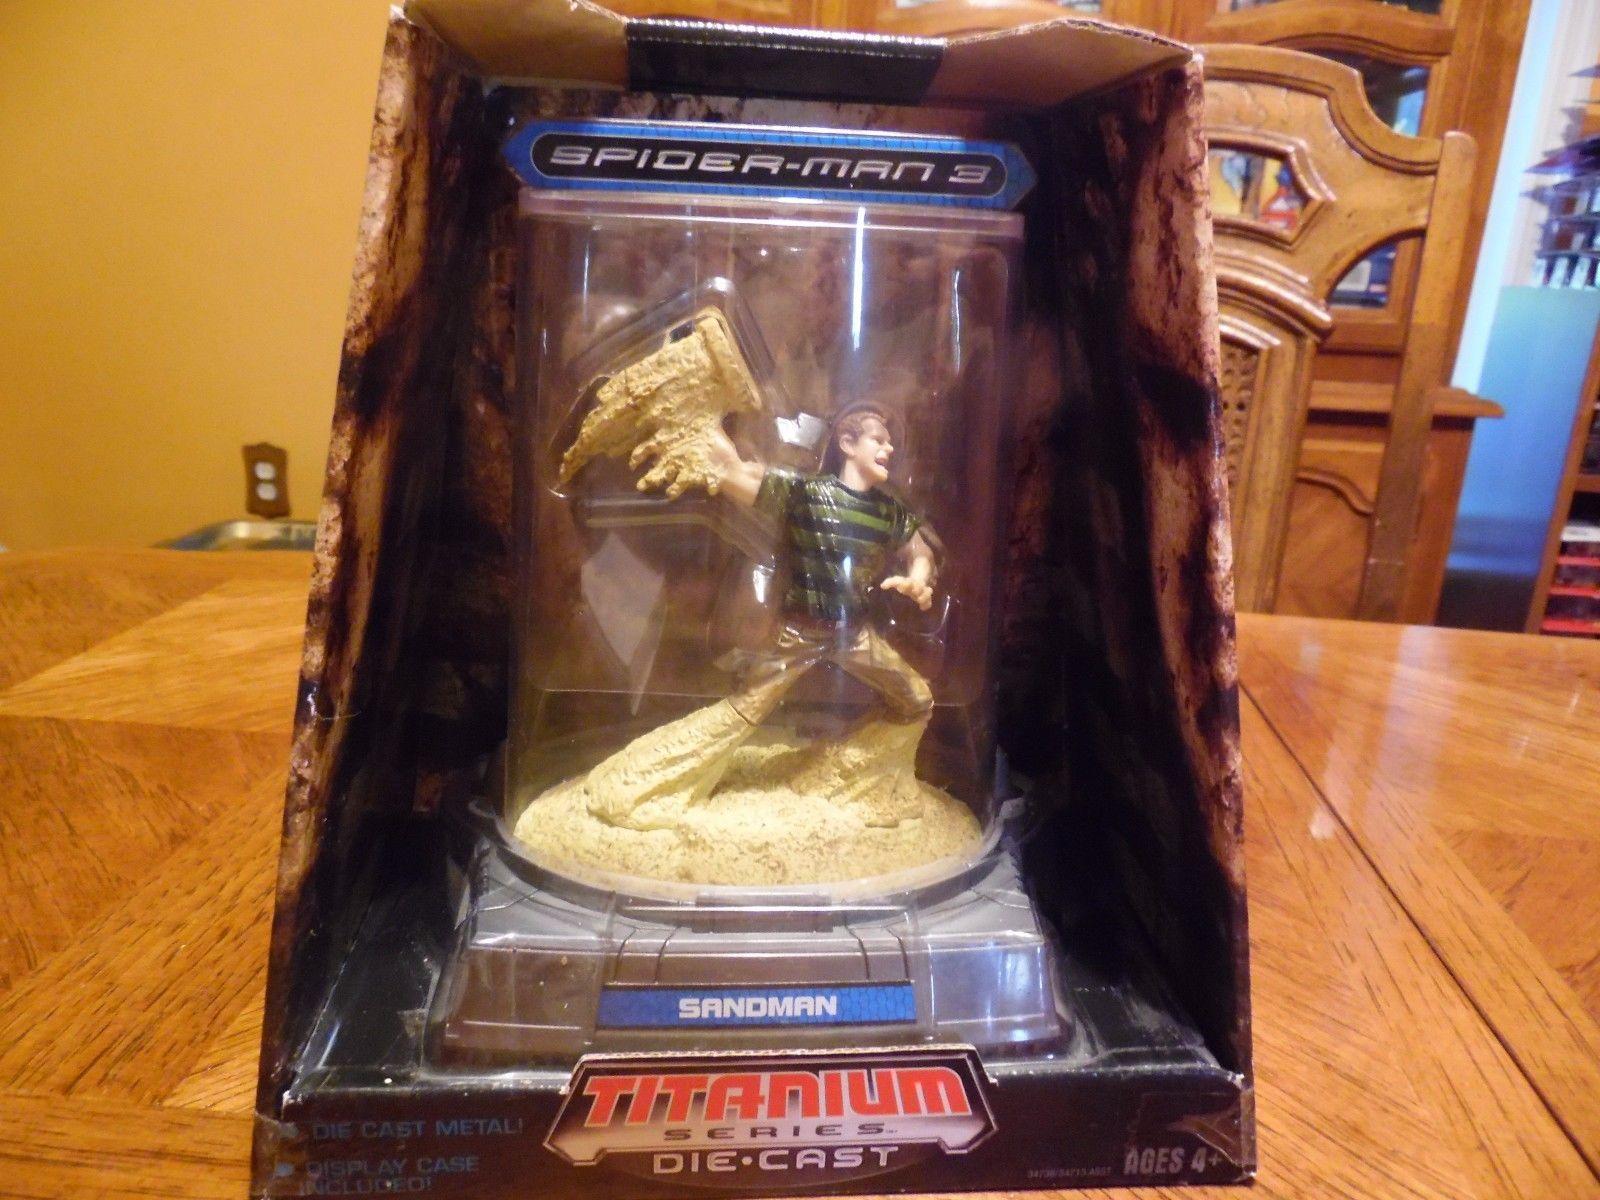 marvel die-cast titanium series sandman new in box retired spider